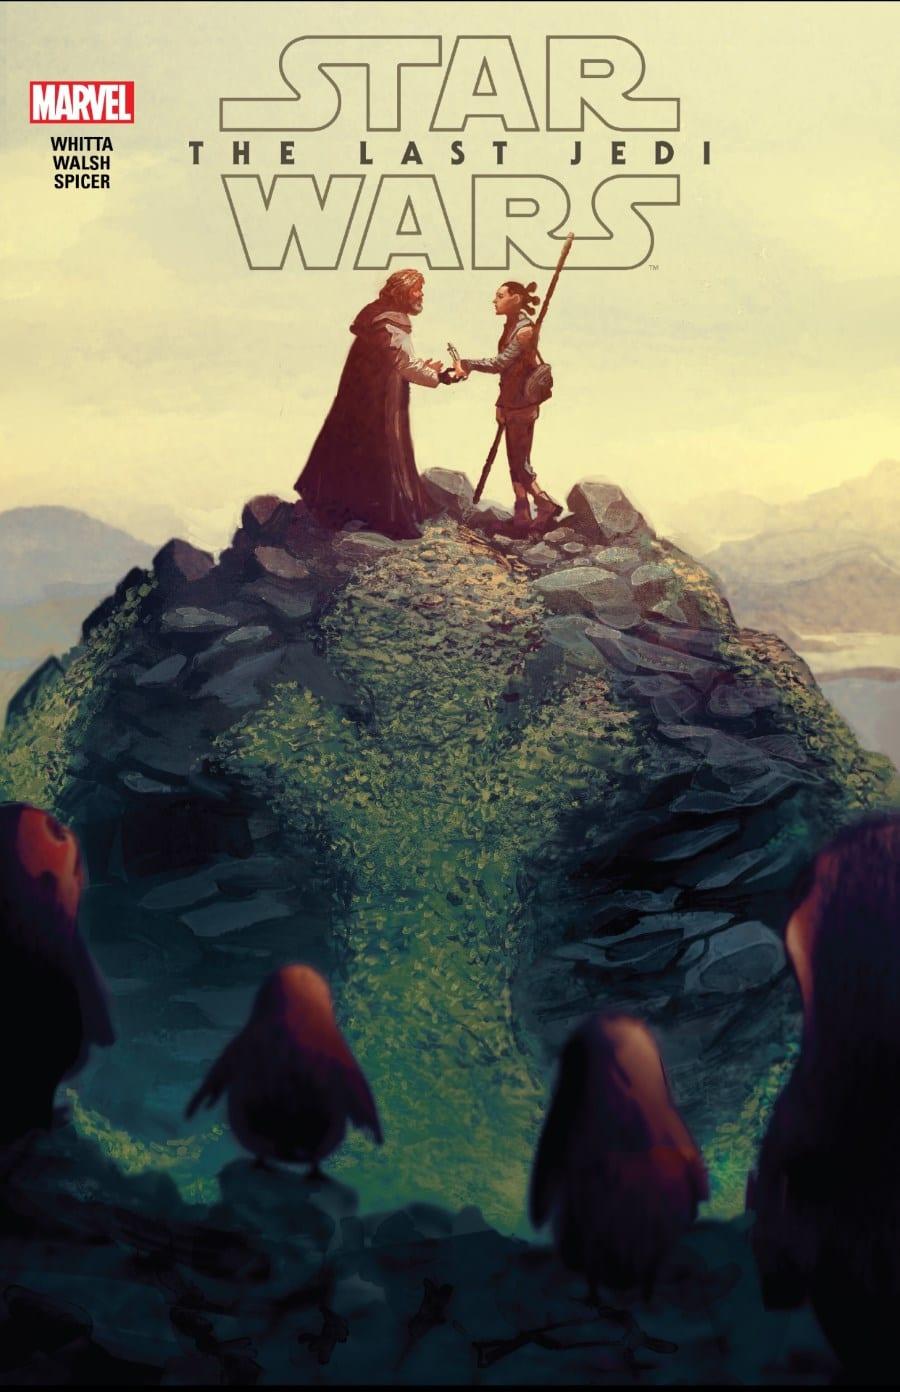 The Last Jedi #1 - Cover